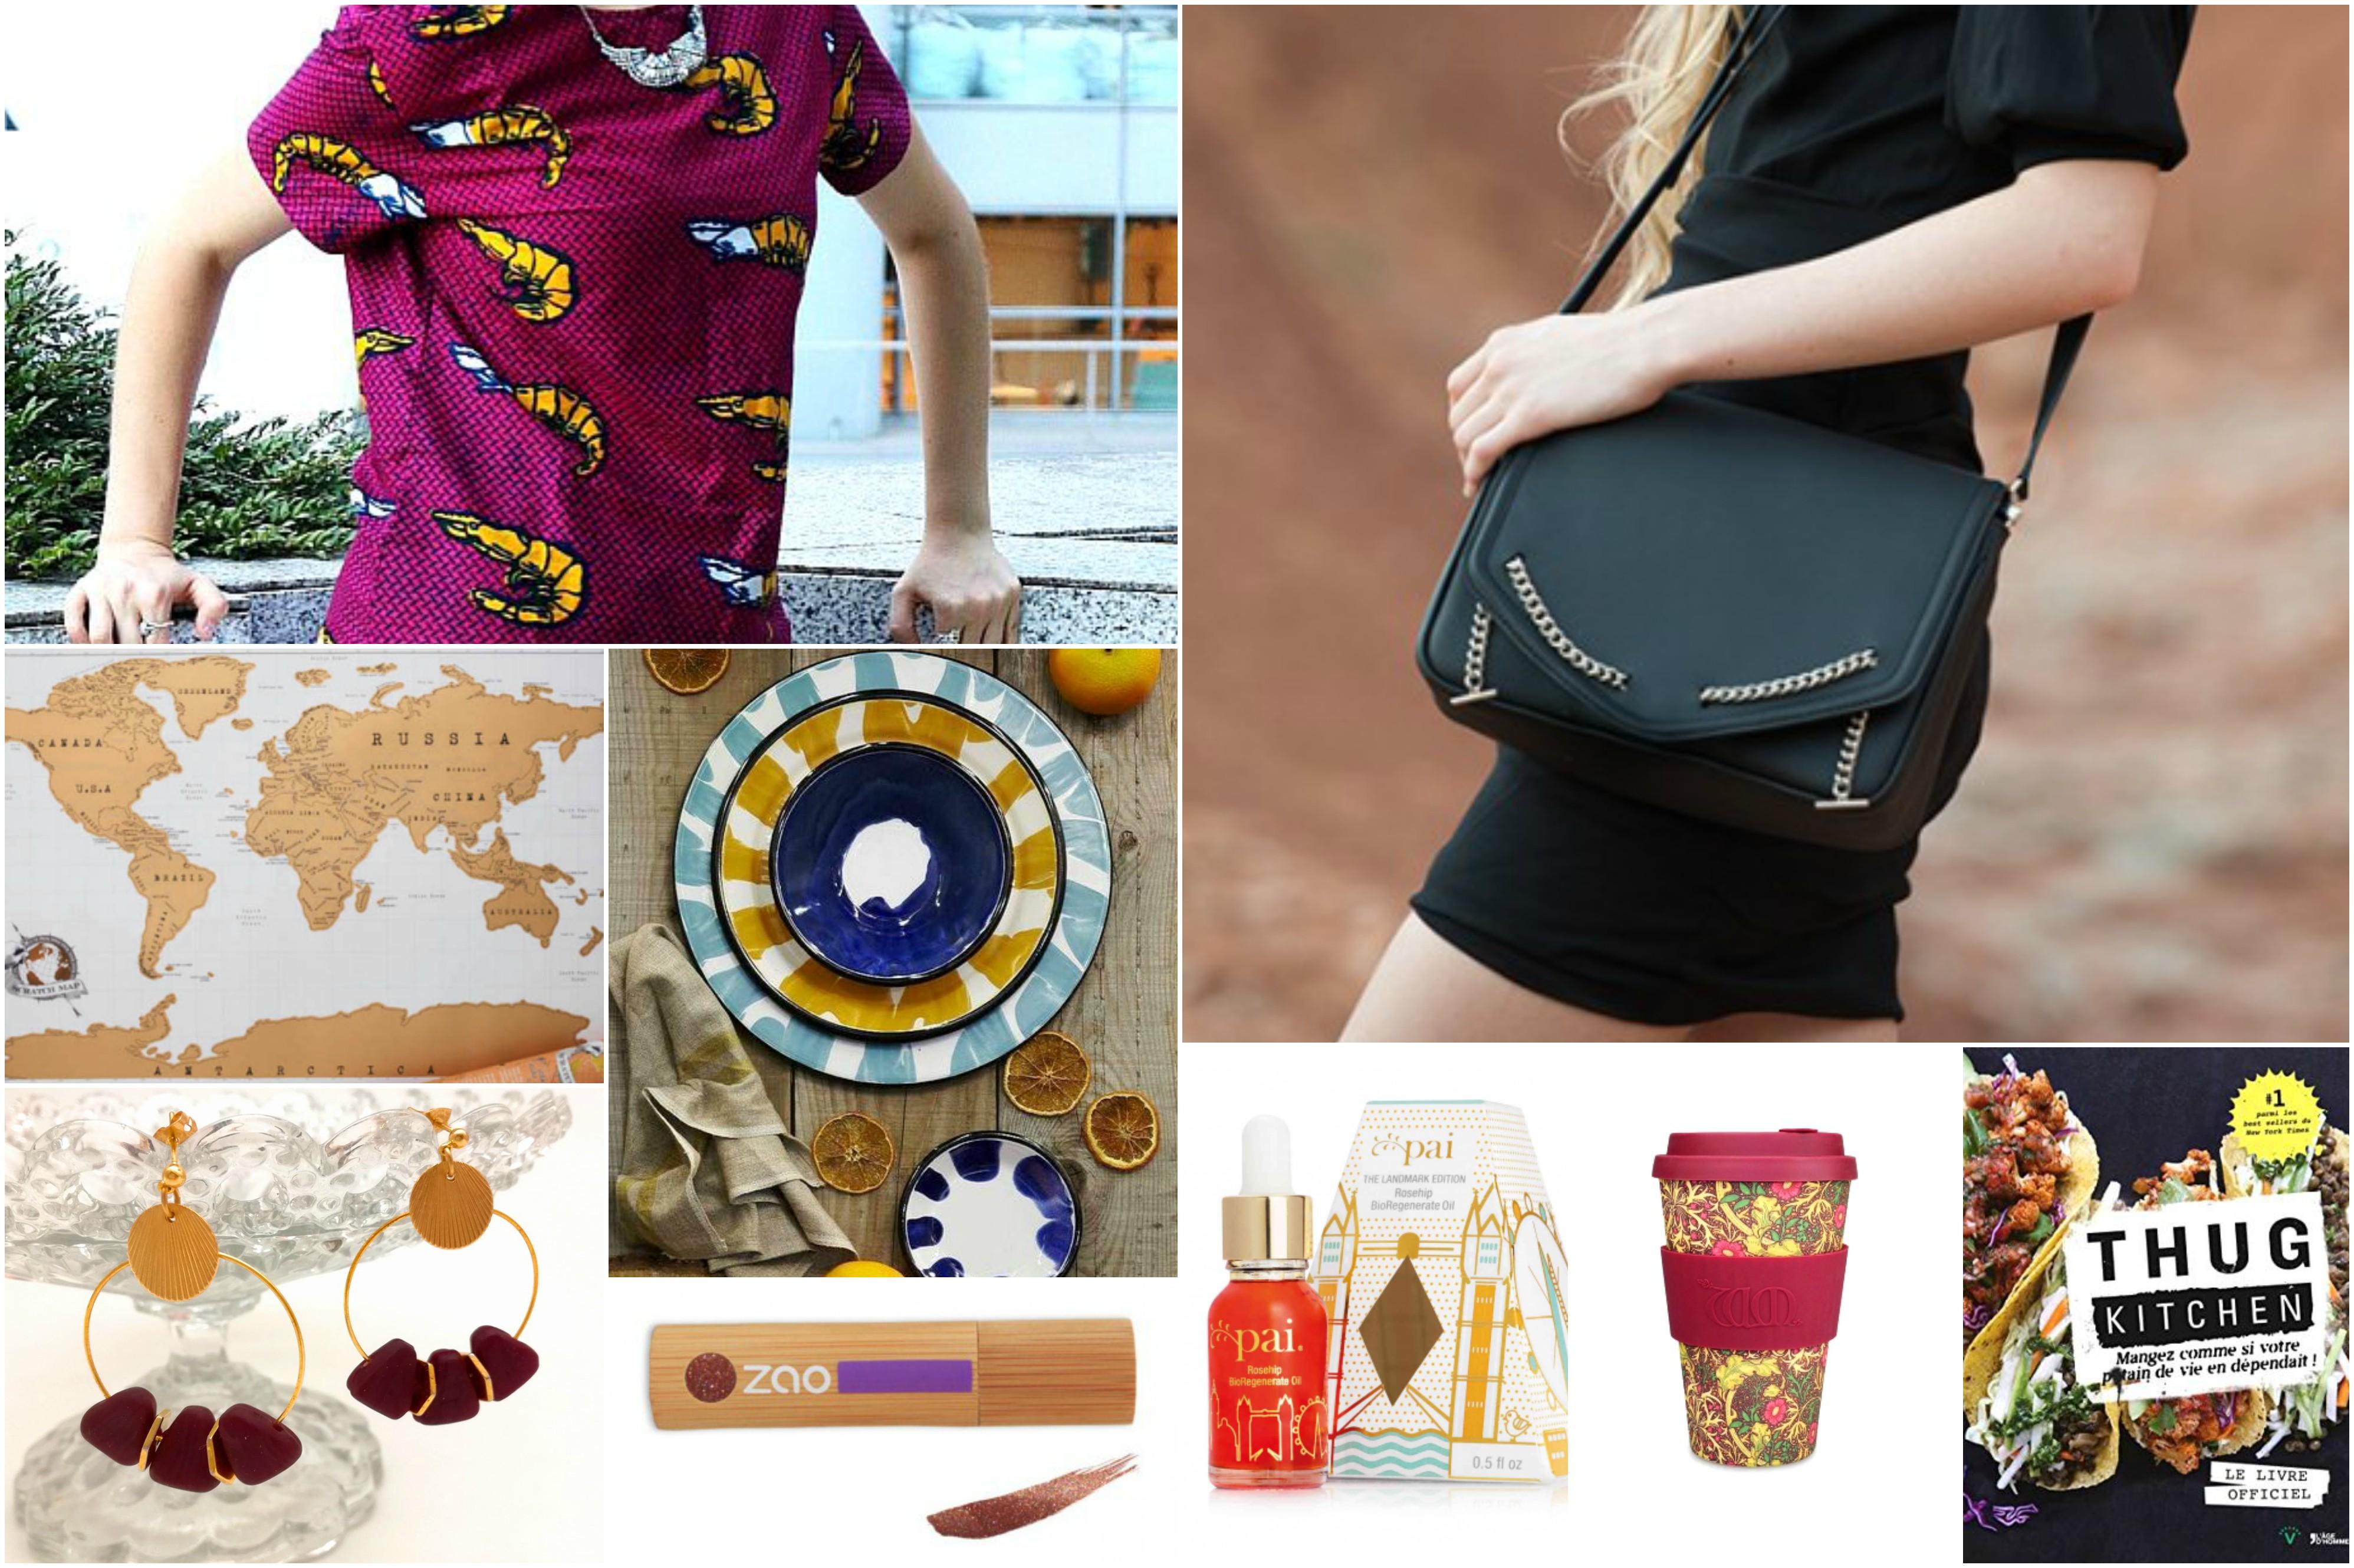 cadeaux-de-noel-wish-list-blog-bordeaux